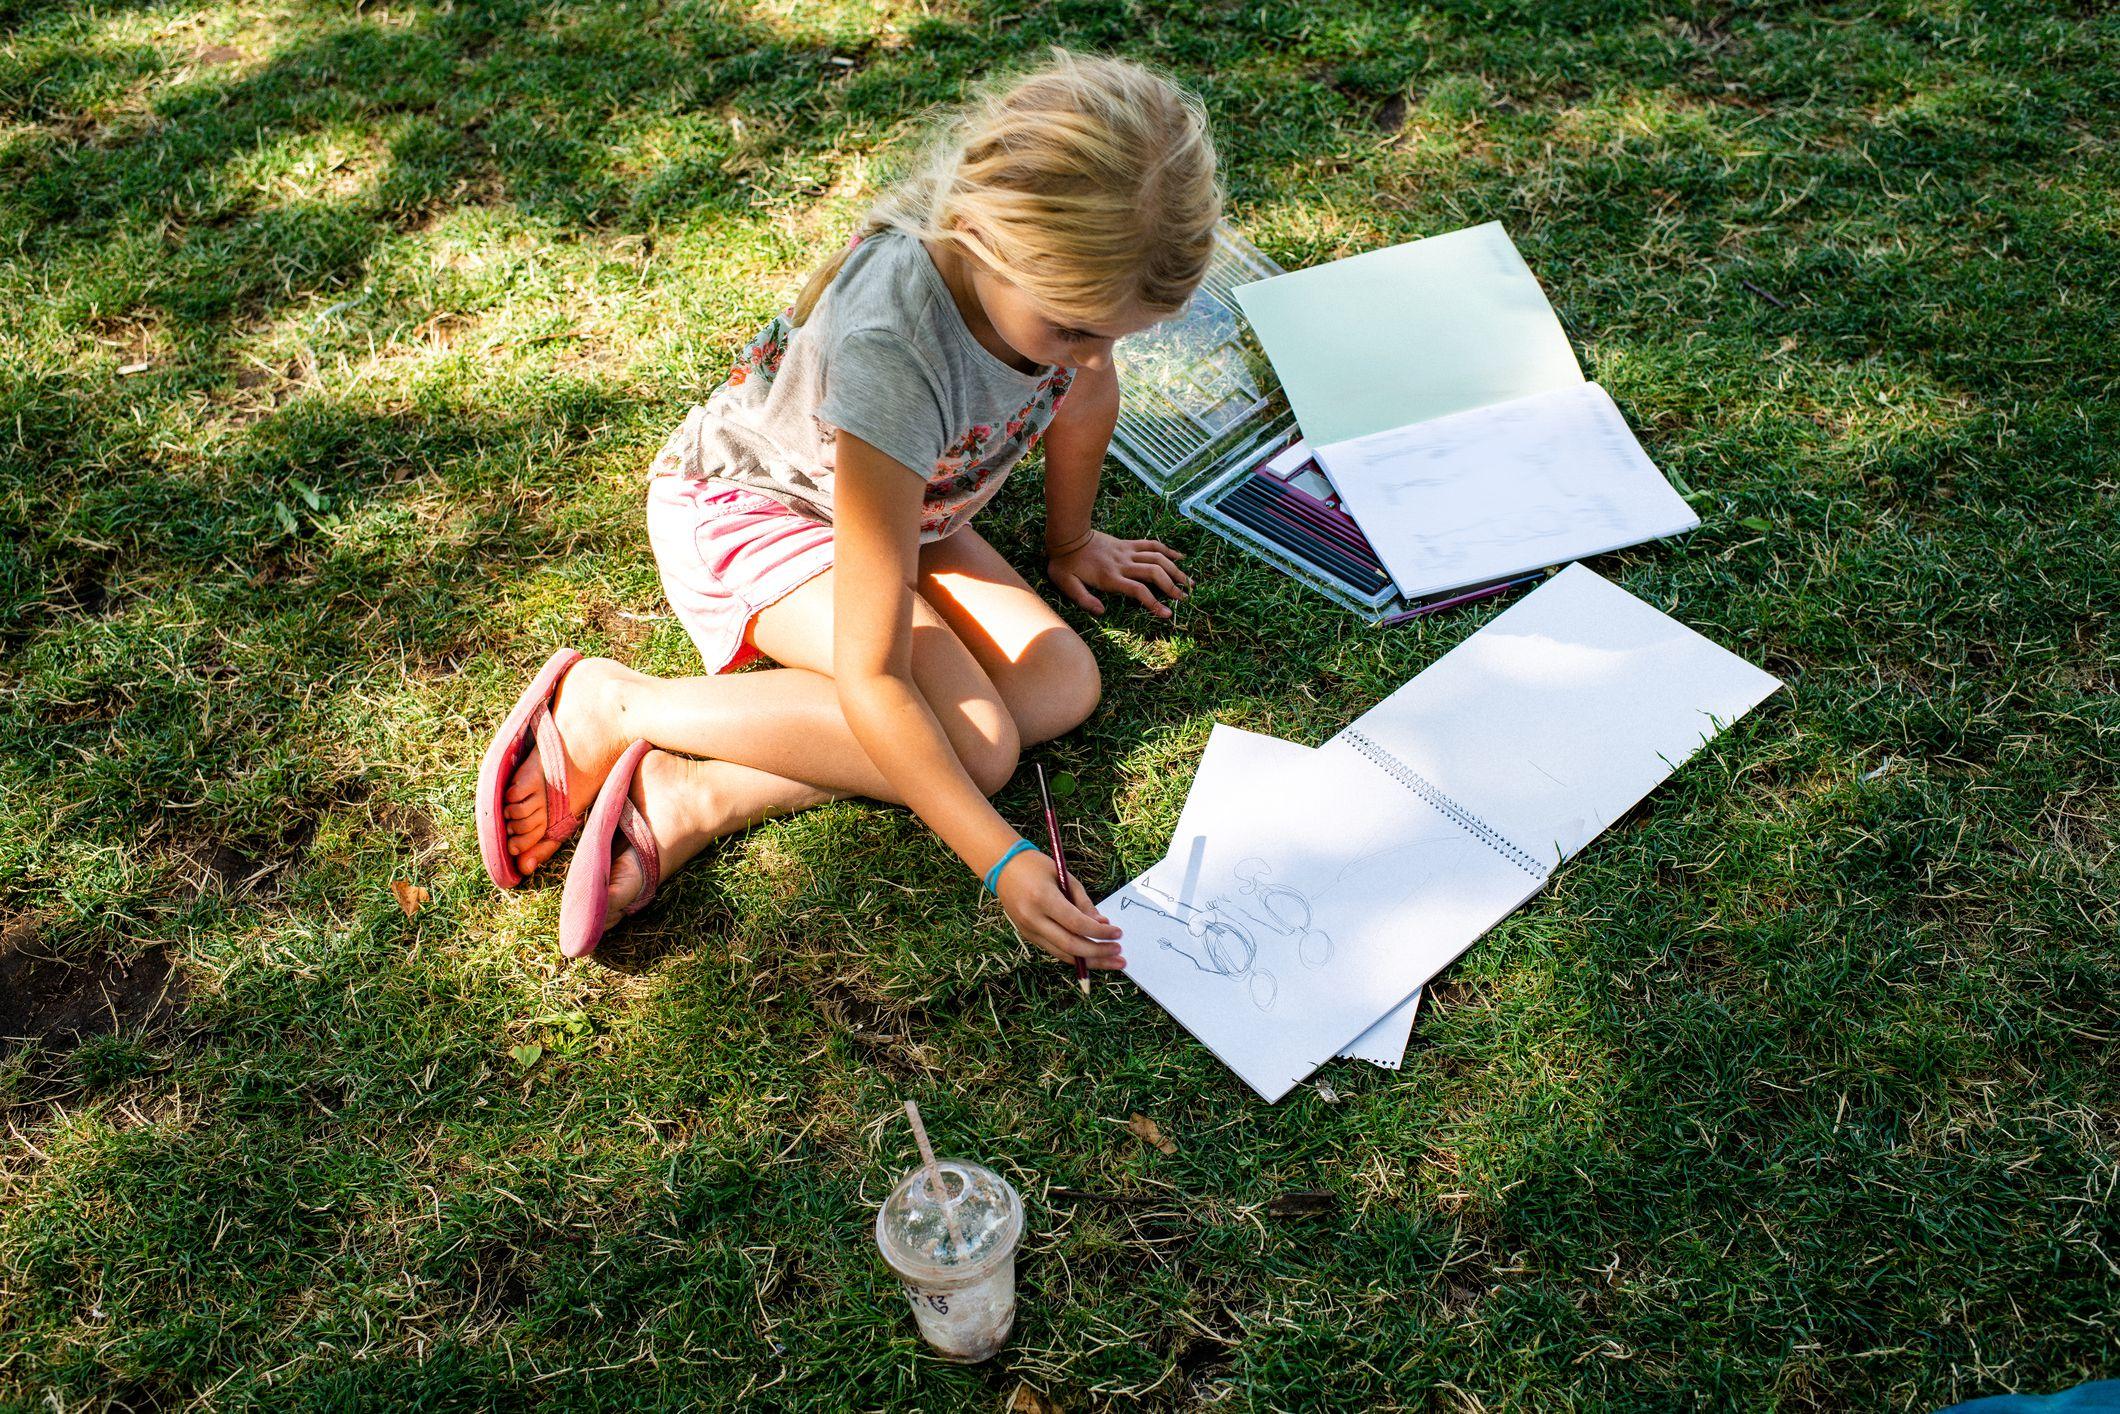 Little girl doing homework on the grass